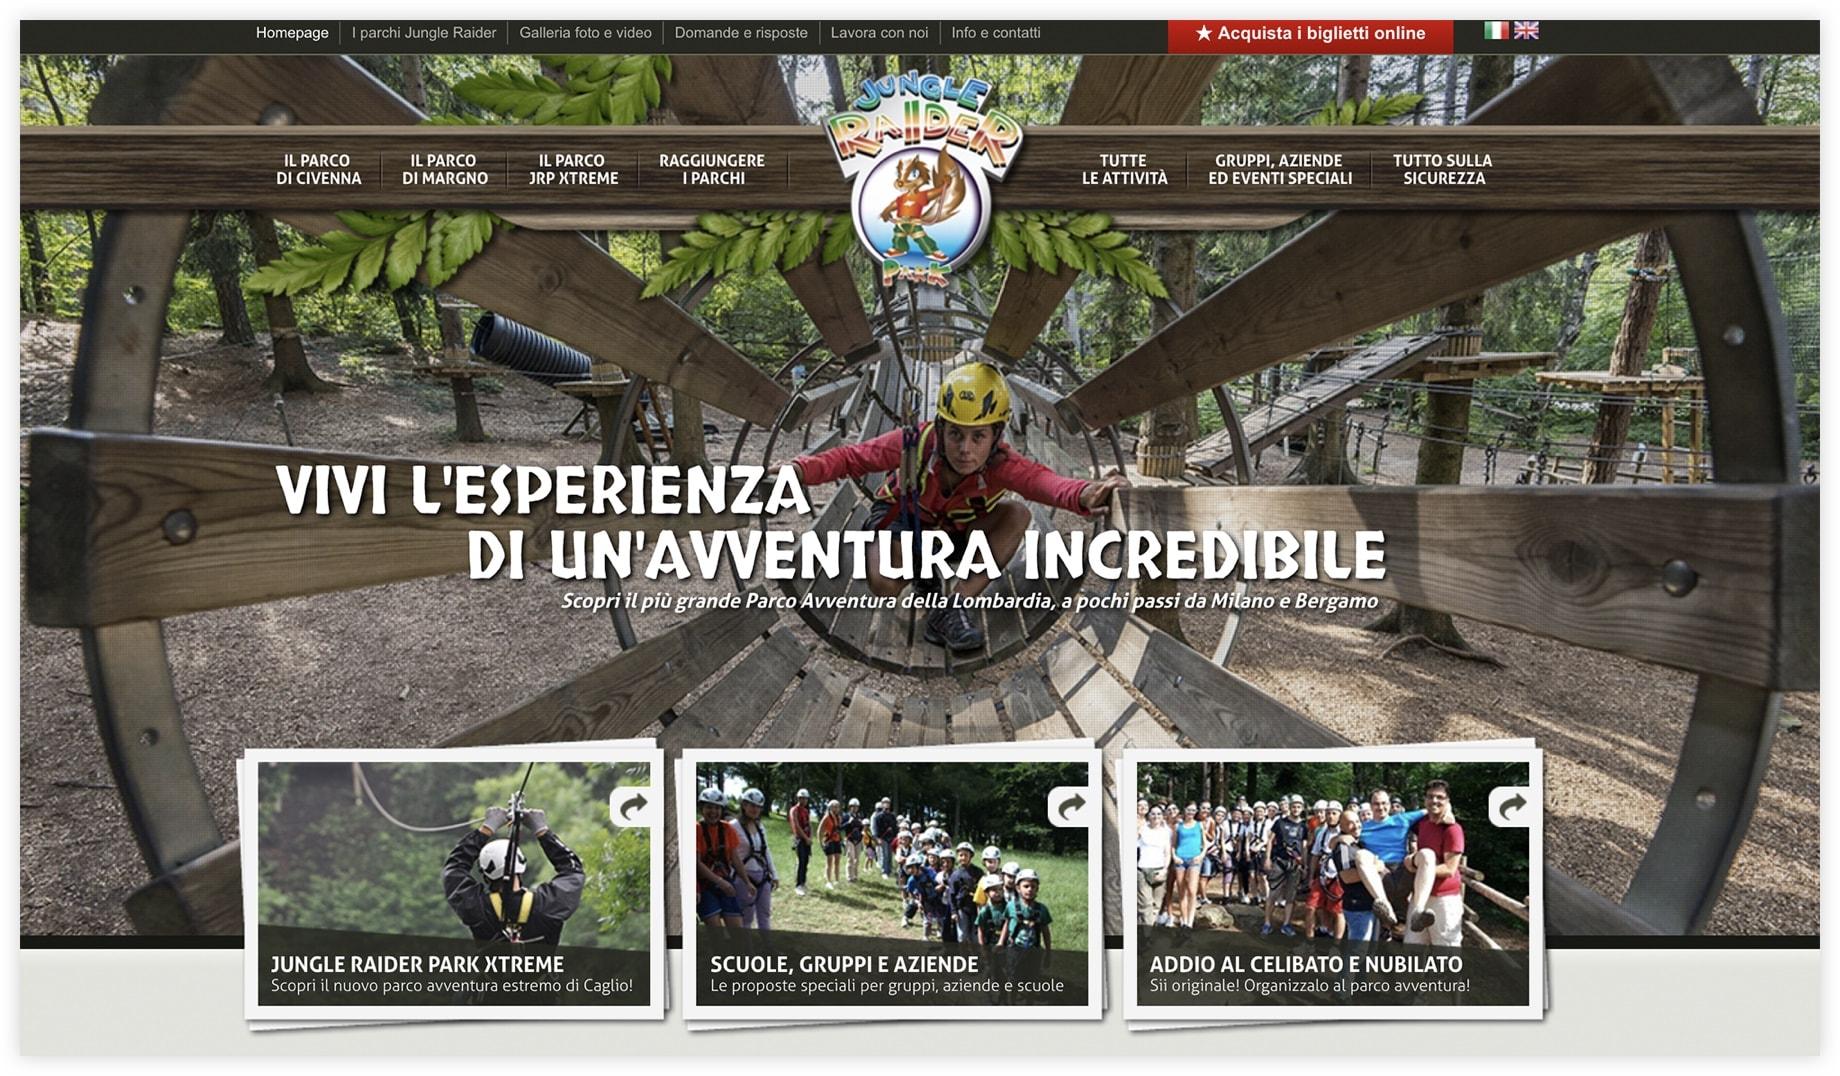 Sito web Jungle Raider Park - Lecco e Como